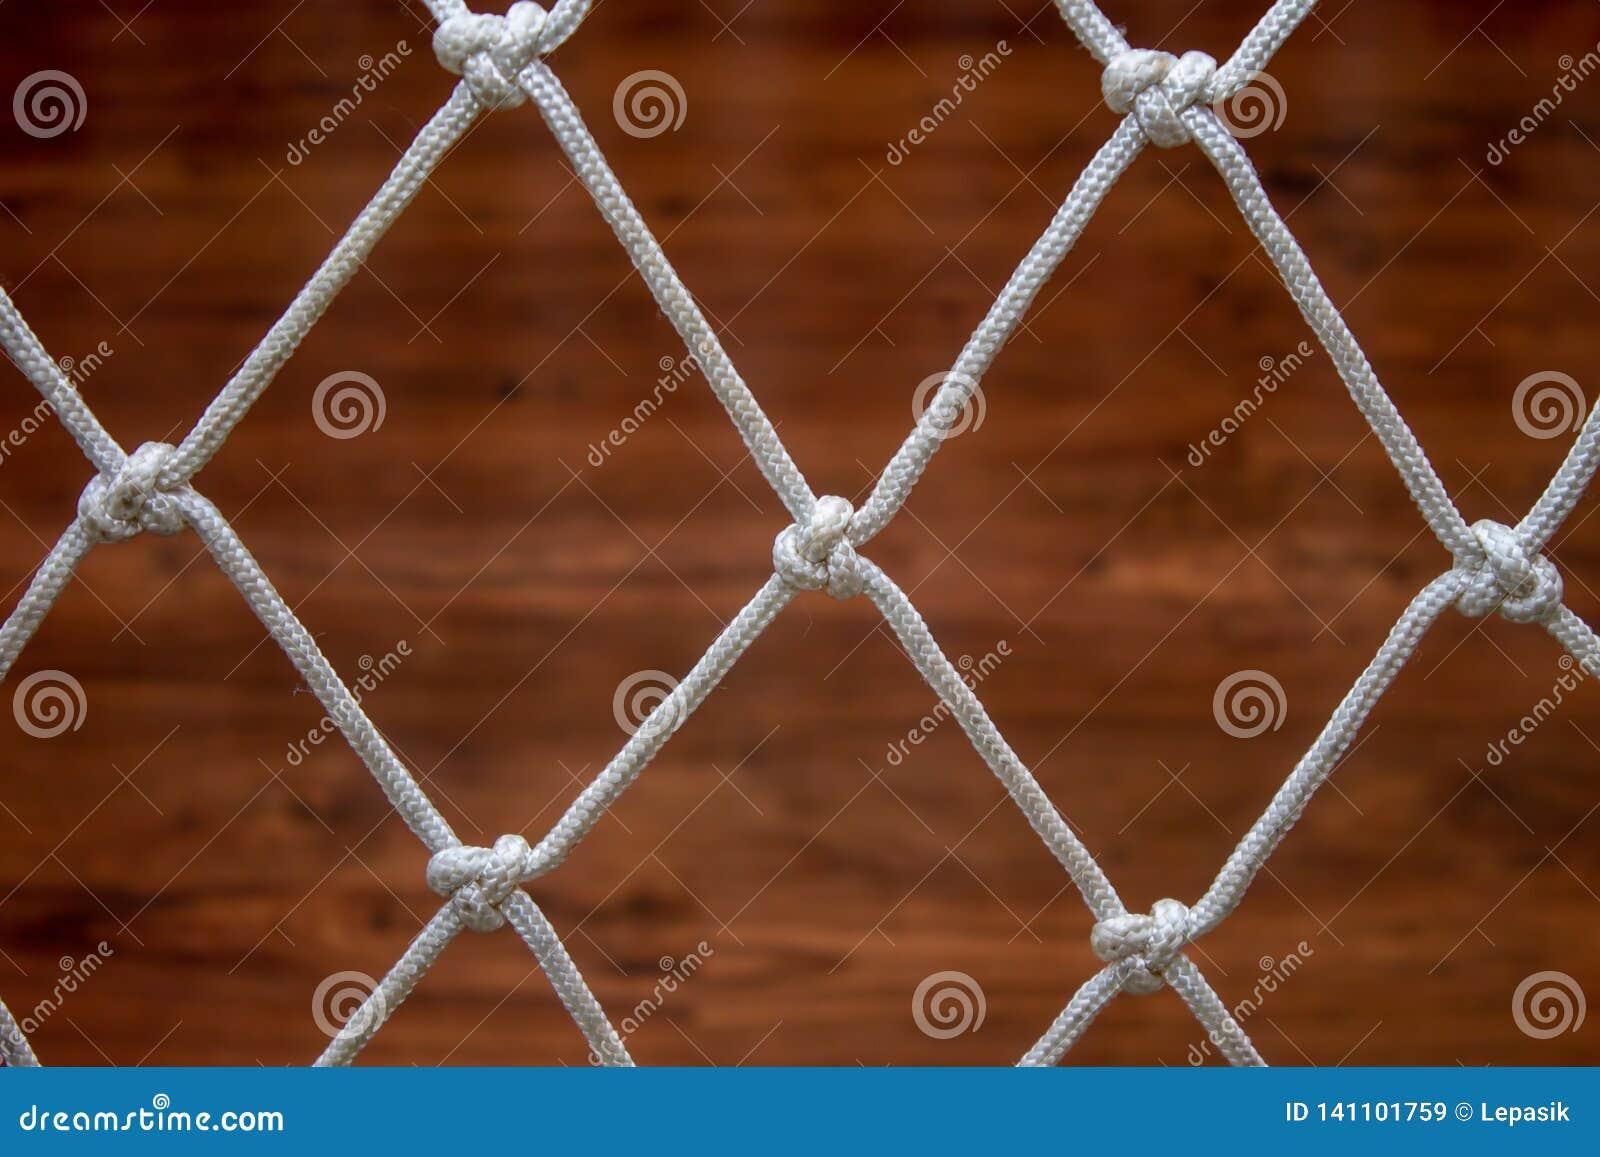 Сеть веревочки от гамака, против деревянного ламината